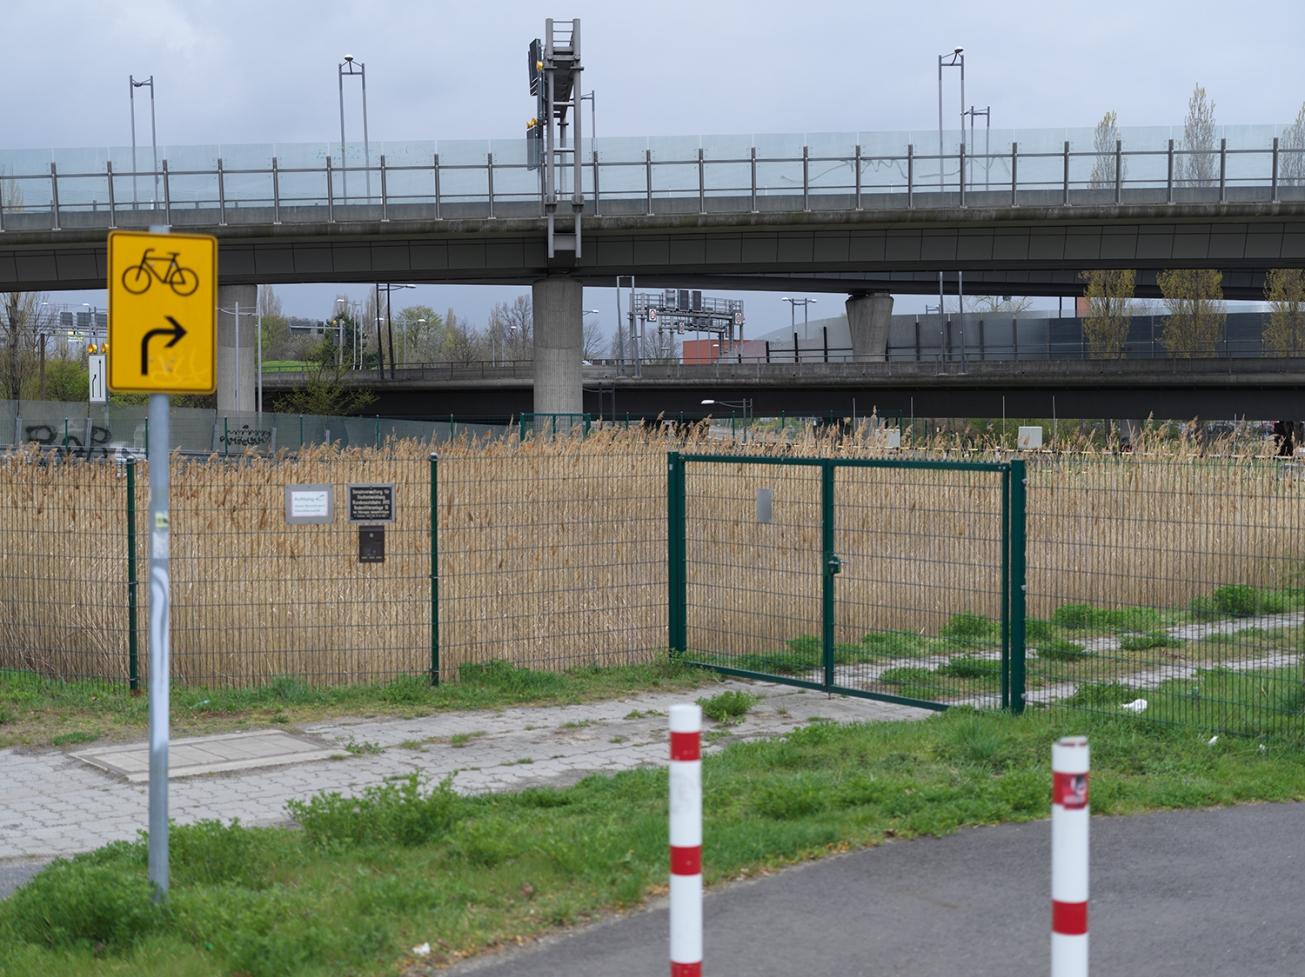 autobahn_0067